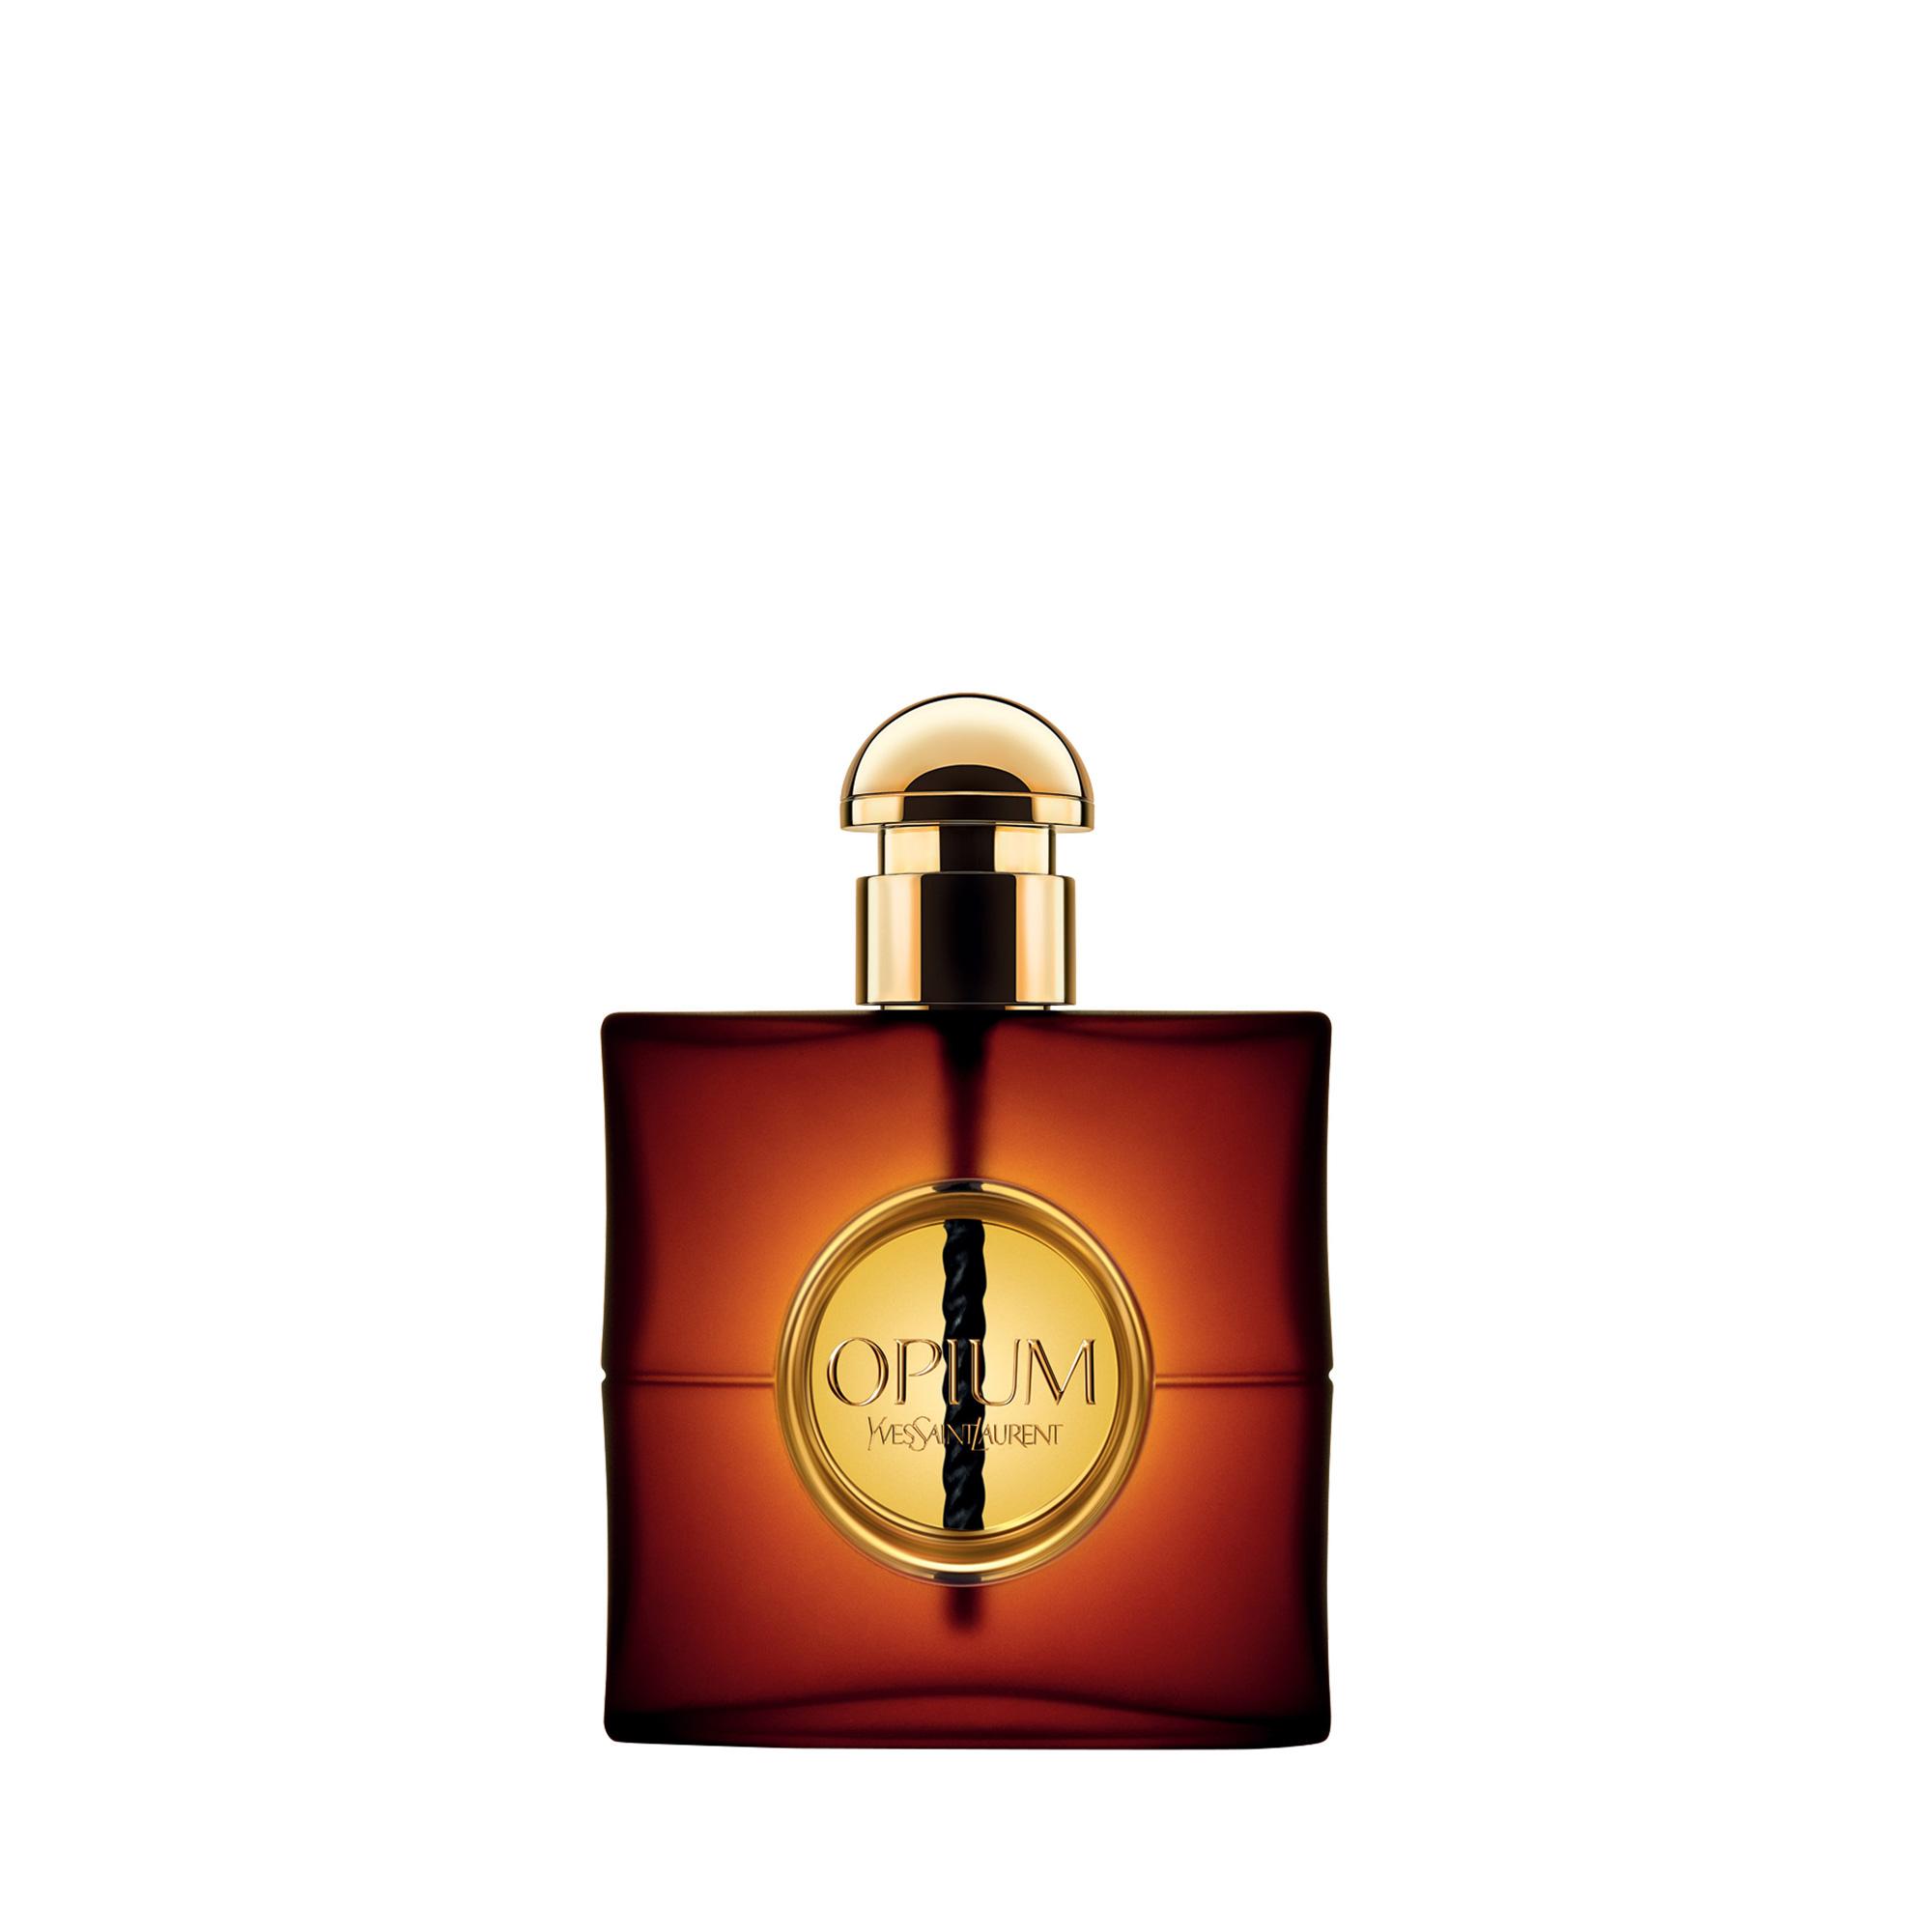 Yves Saint Laurent Opium EDP, 30 ml